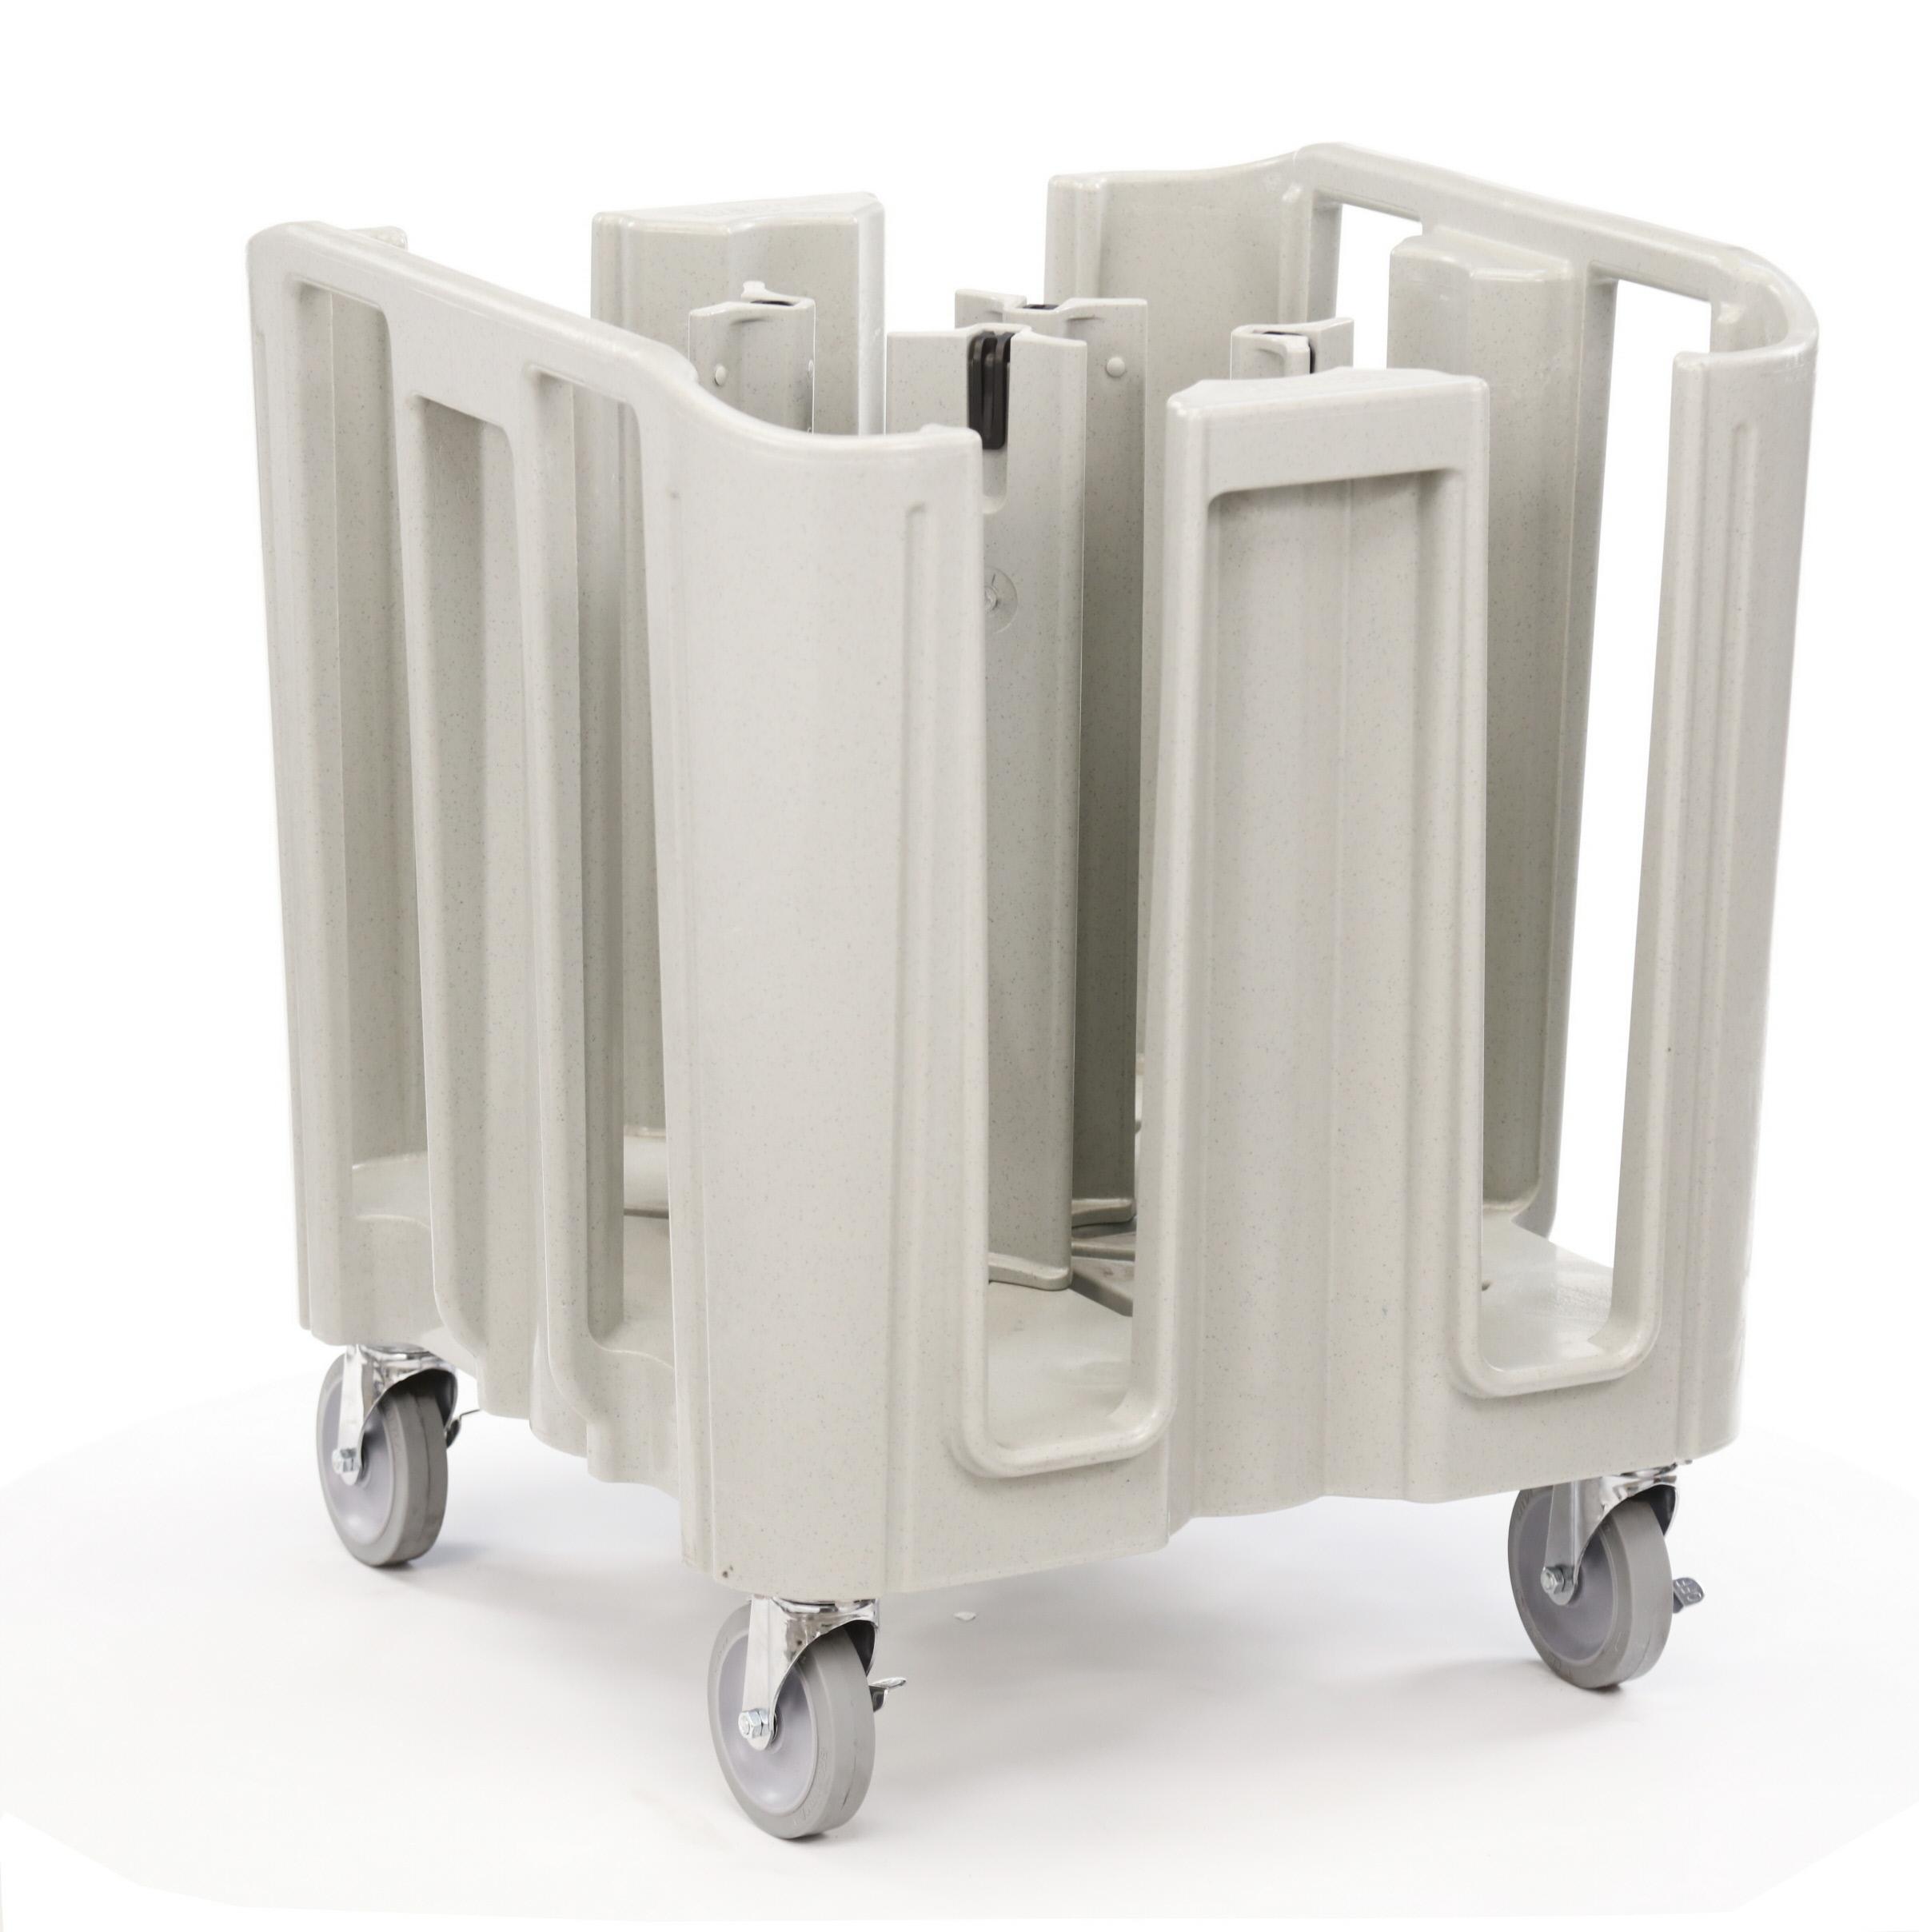 Kompakte Verstellbare Tellerwagen Der S-Serie - 360 view